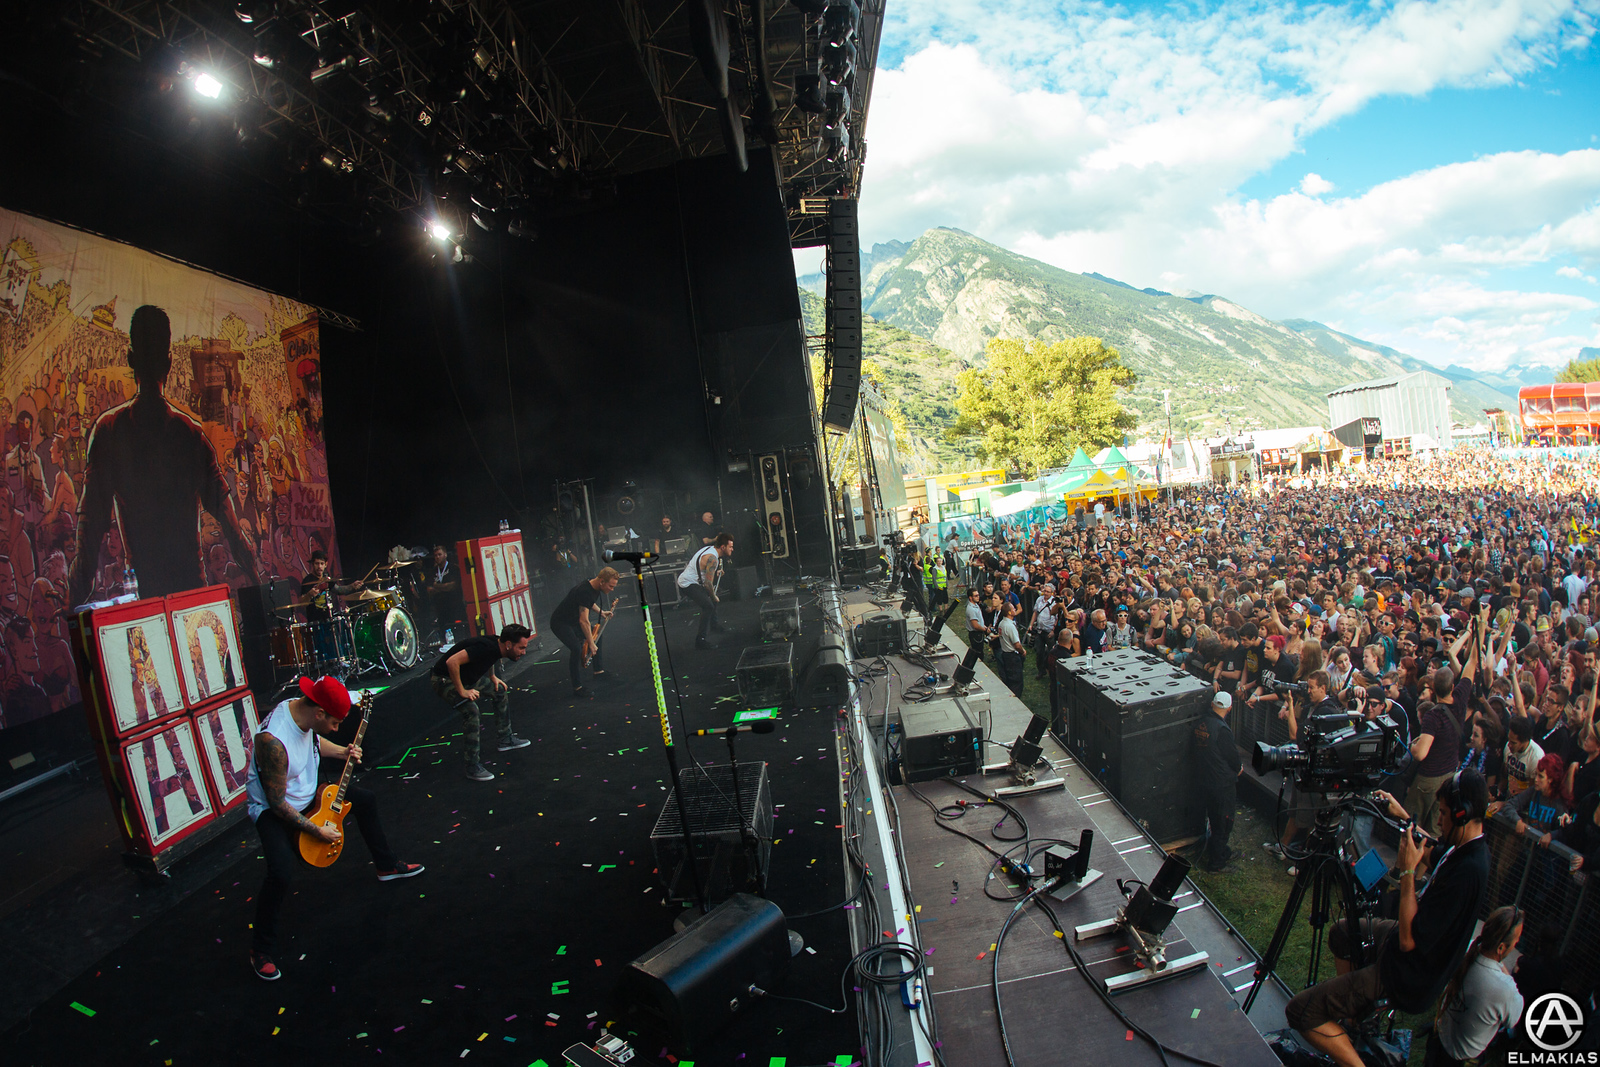 team headbang at Open Air Gampel Festival in Switzerland